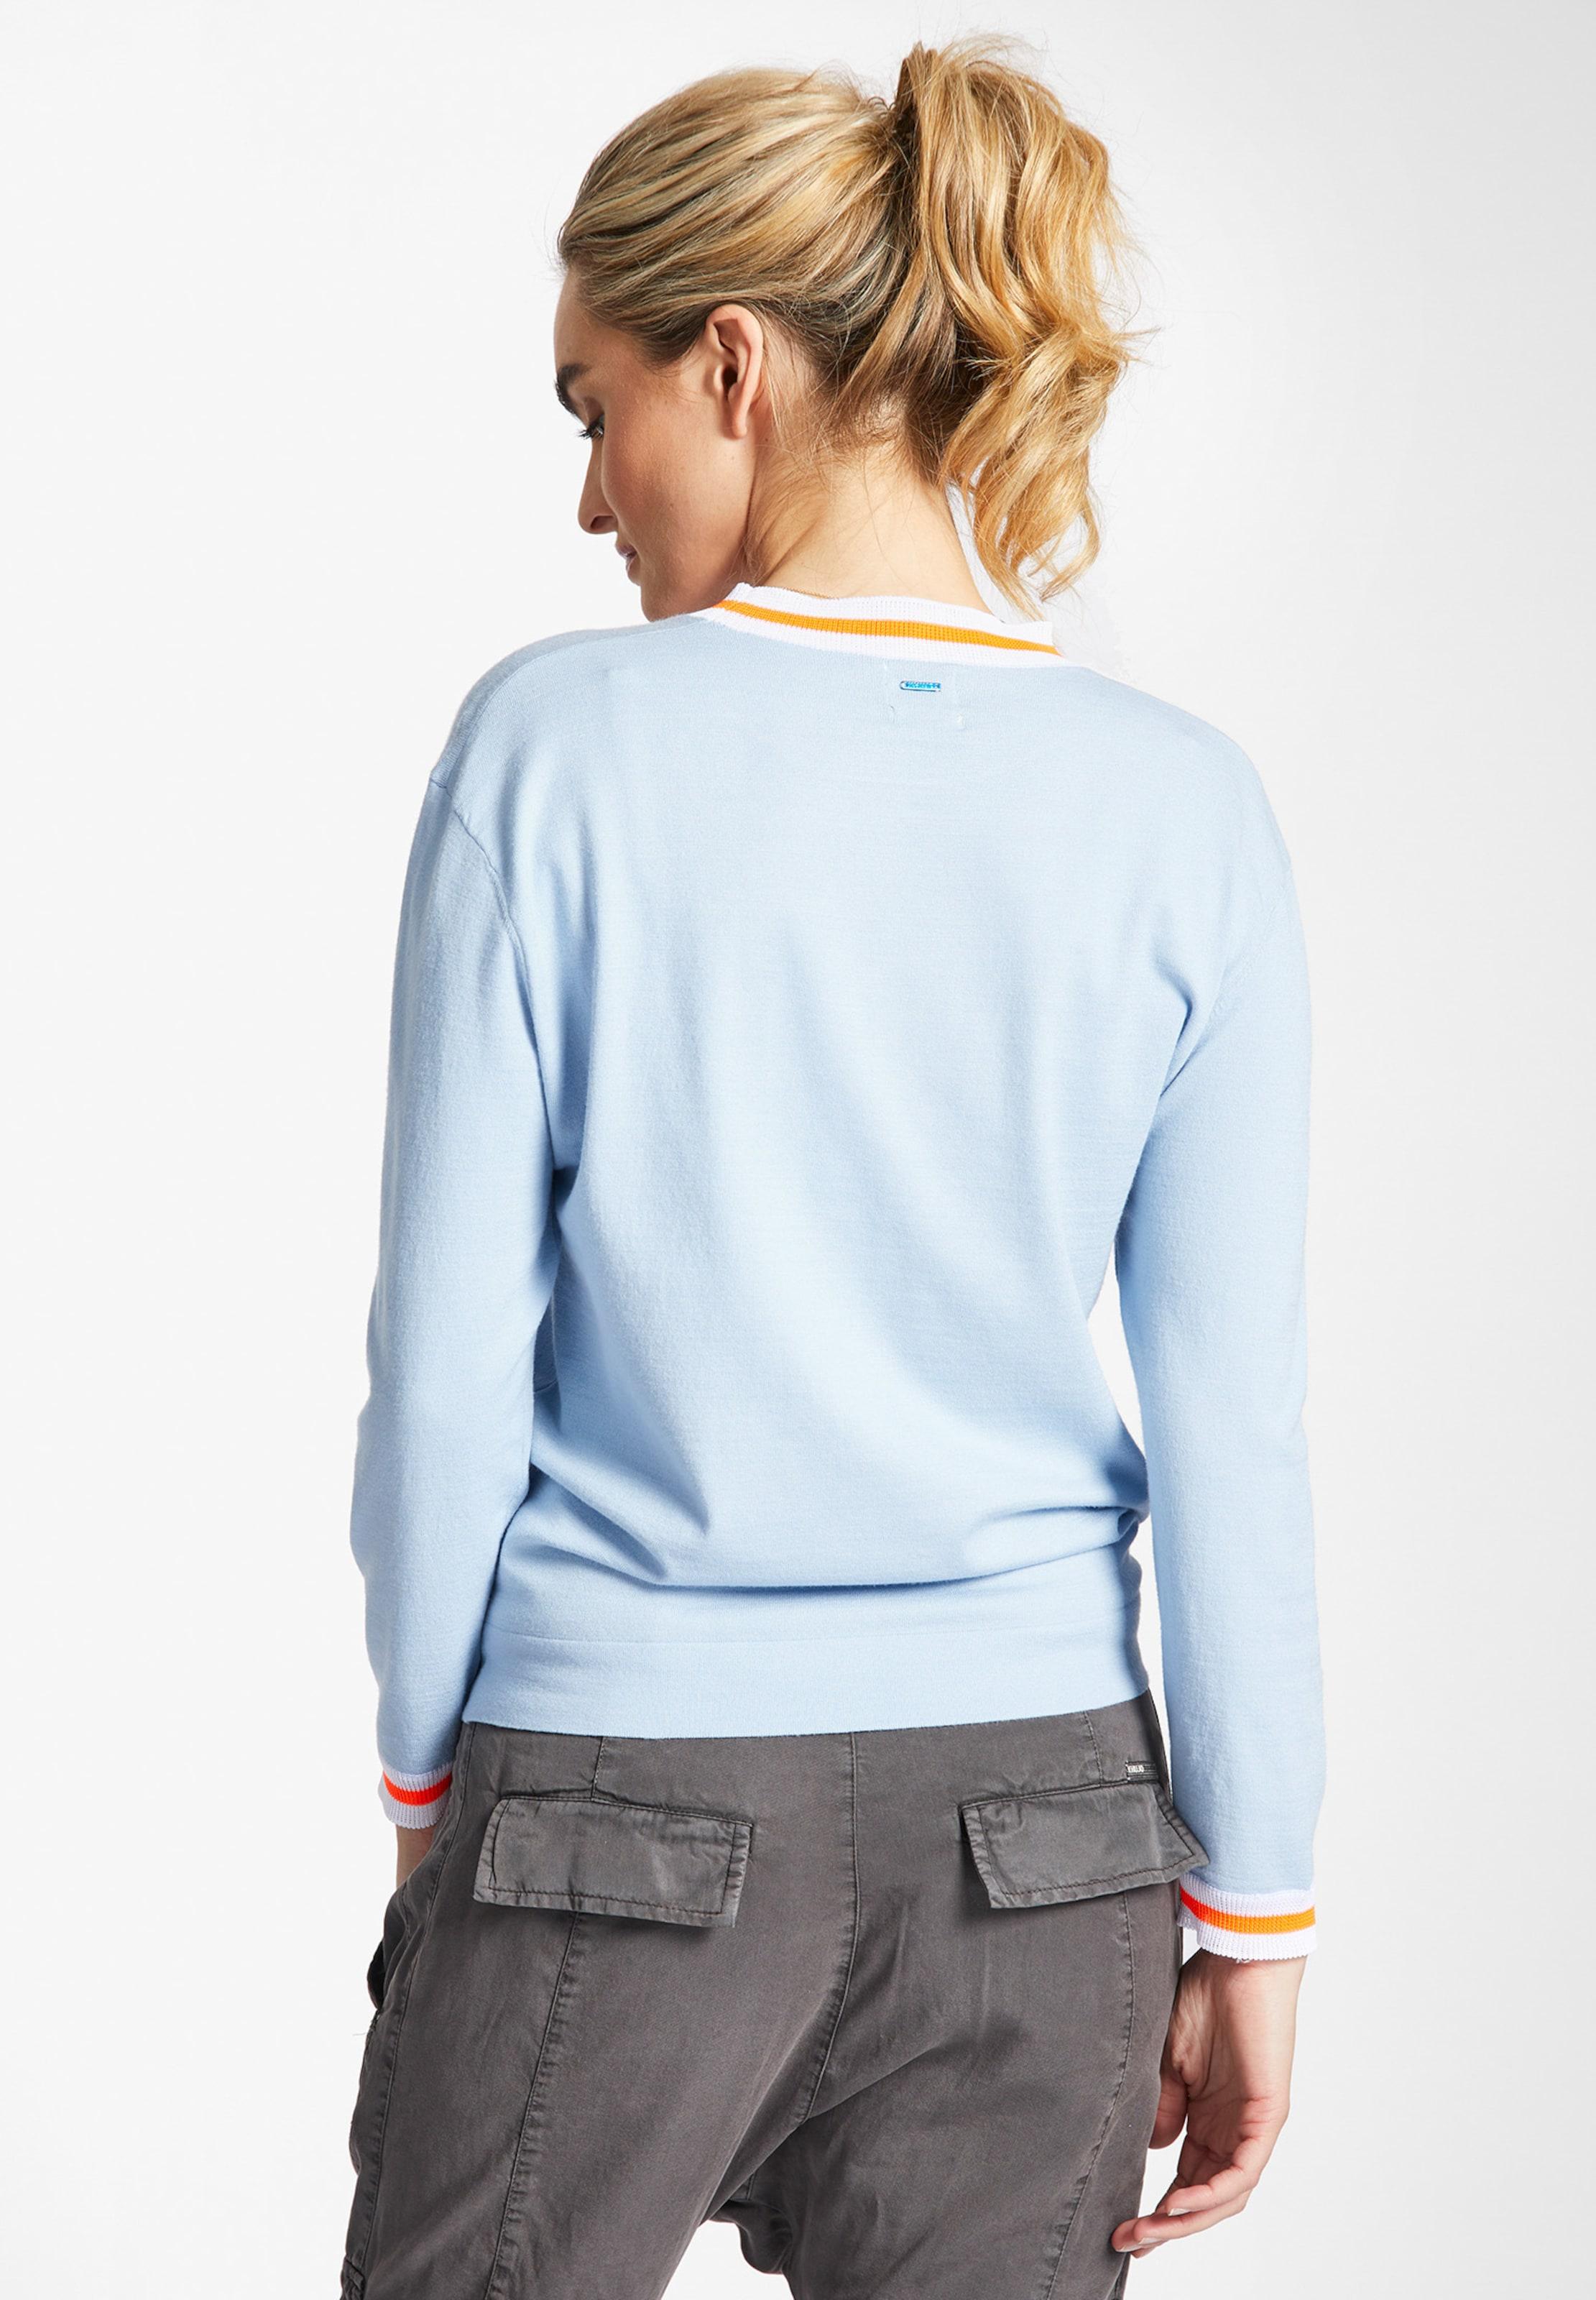 'afrodite' 'afrodite' Pullover Khujo Khujo In BlauHellblau Pullover 80Nwvmn